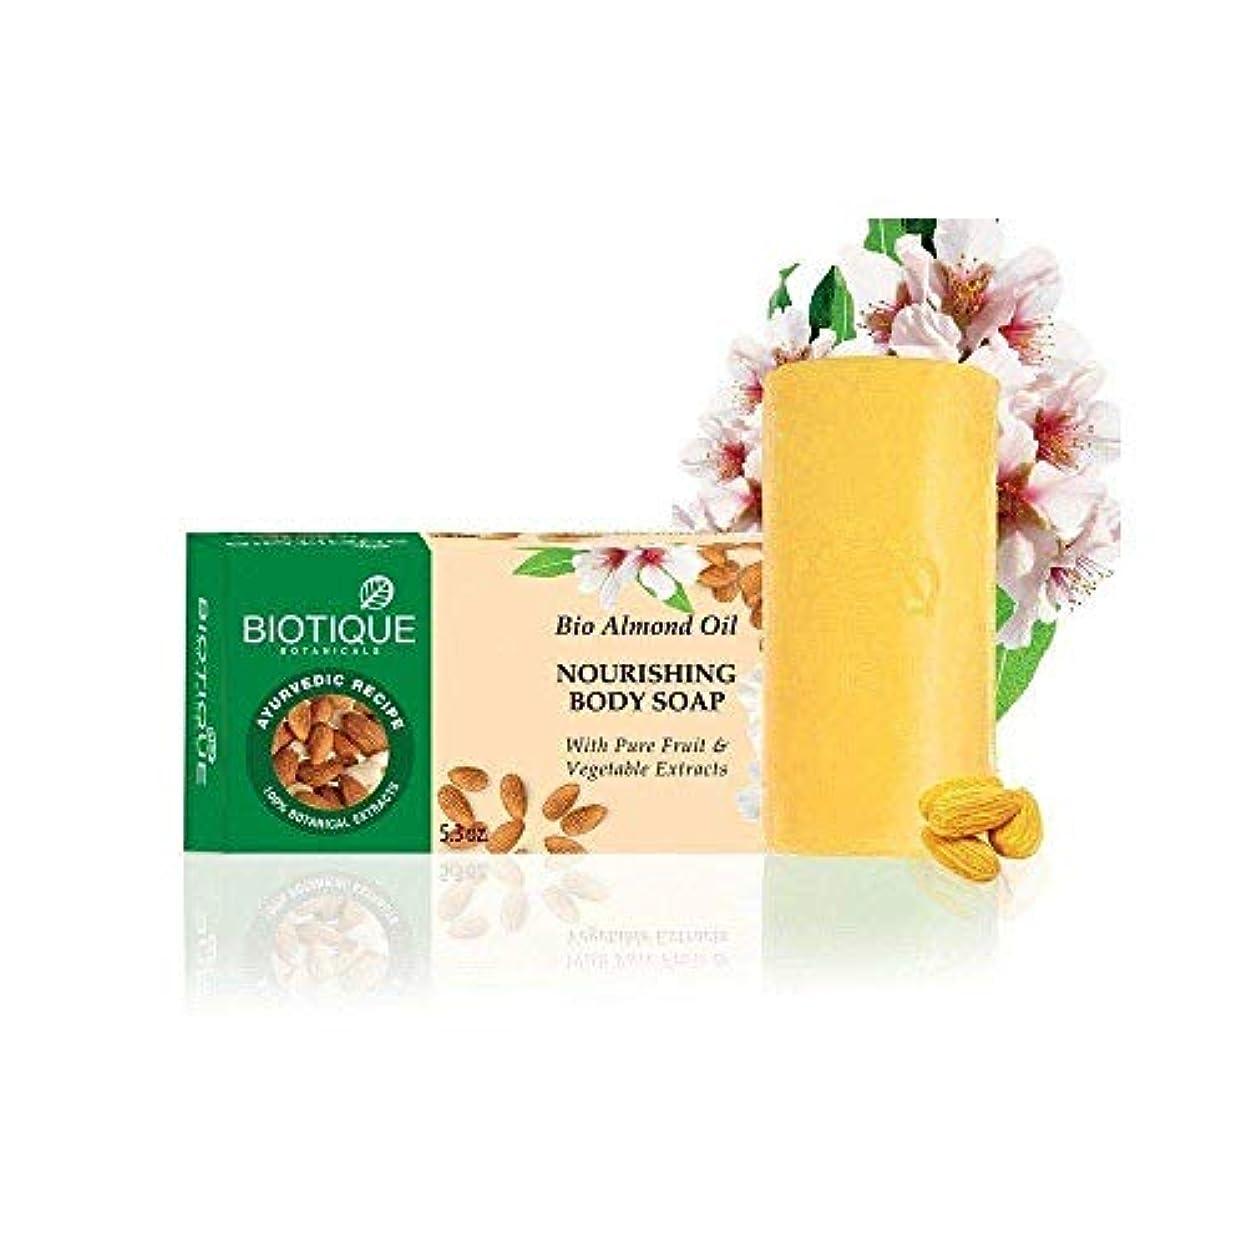 持ってる時計退屈Biotique Bio Almond Oil Nourishing Body Soap - 150g (Pack of 2) wash Impurities Biotique Bio Almond Oilナリッシングボディソープ...